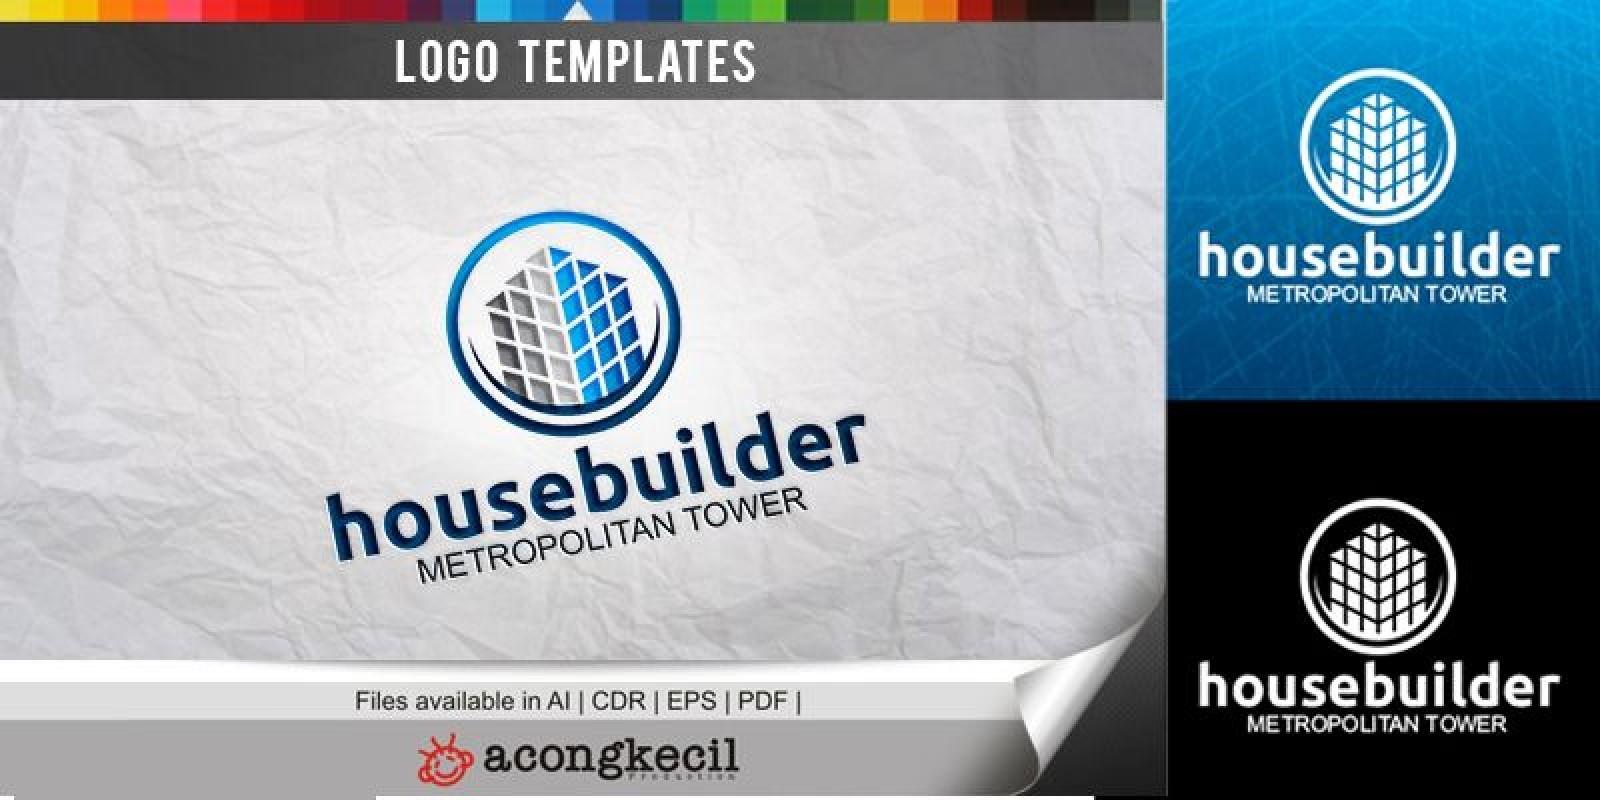 Housebuilder - Logo Template